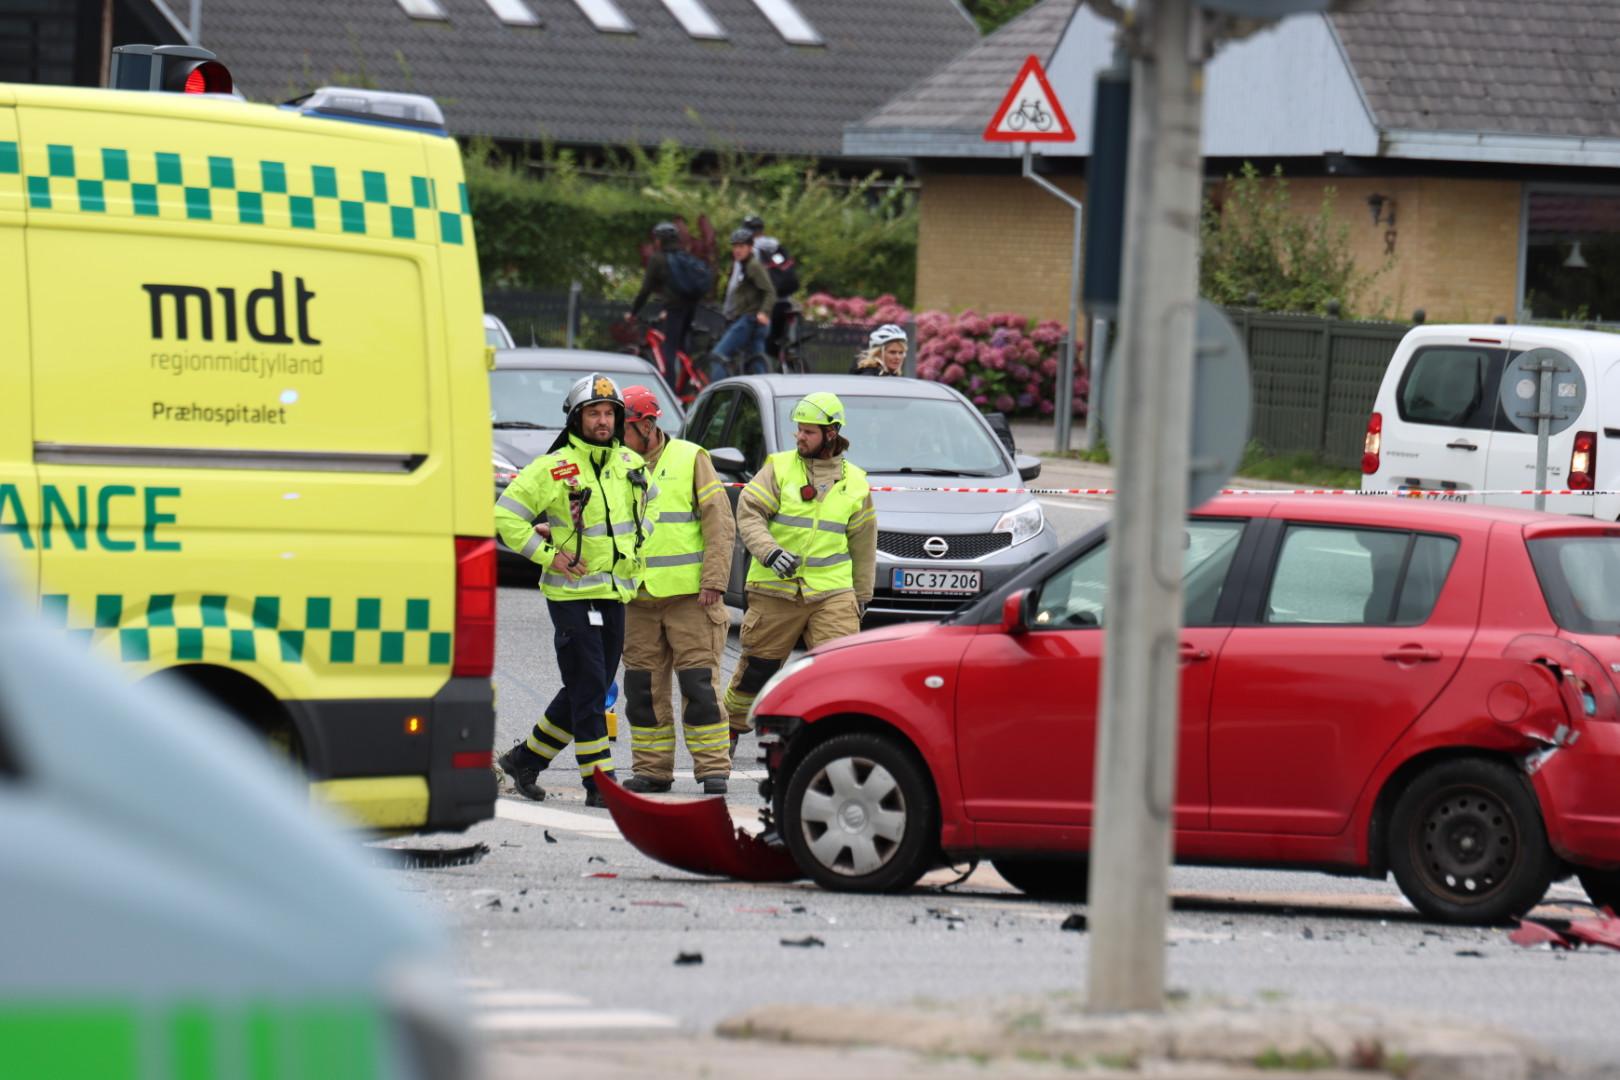 Voldsomt uheld i Aarhus - flere biler i uheld